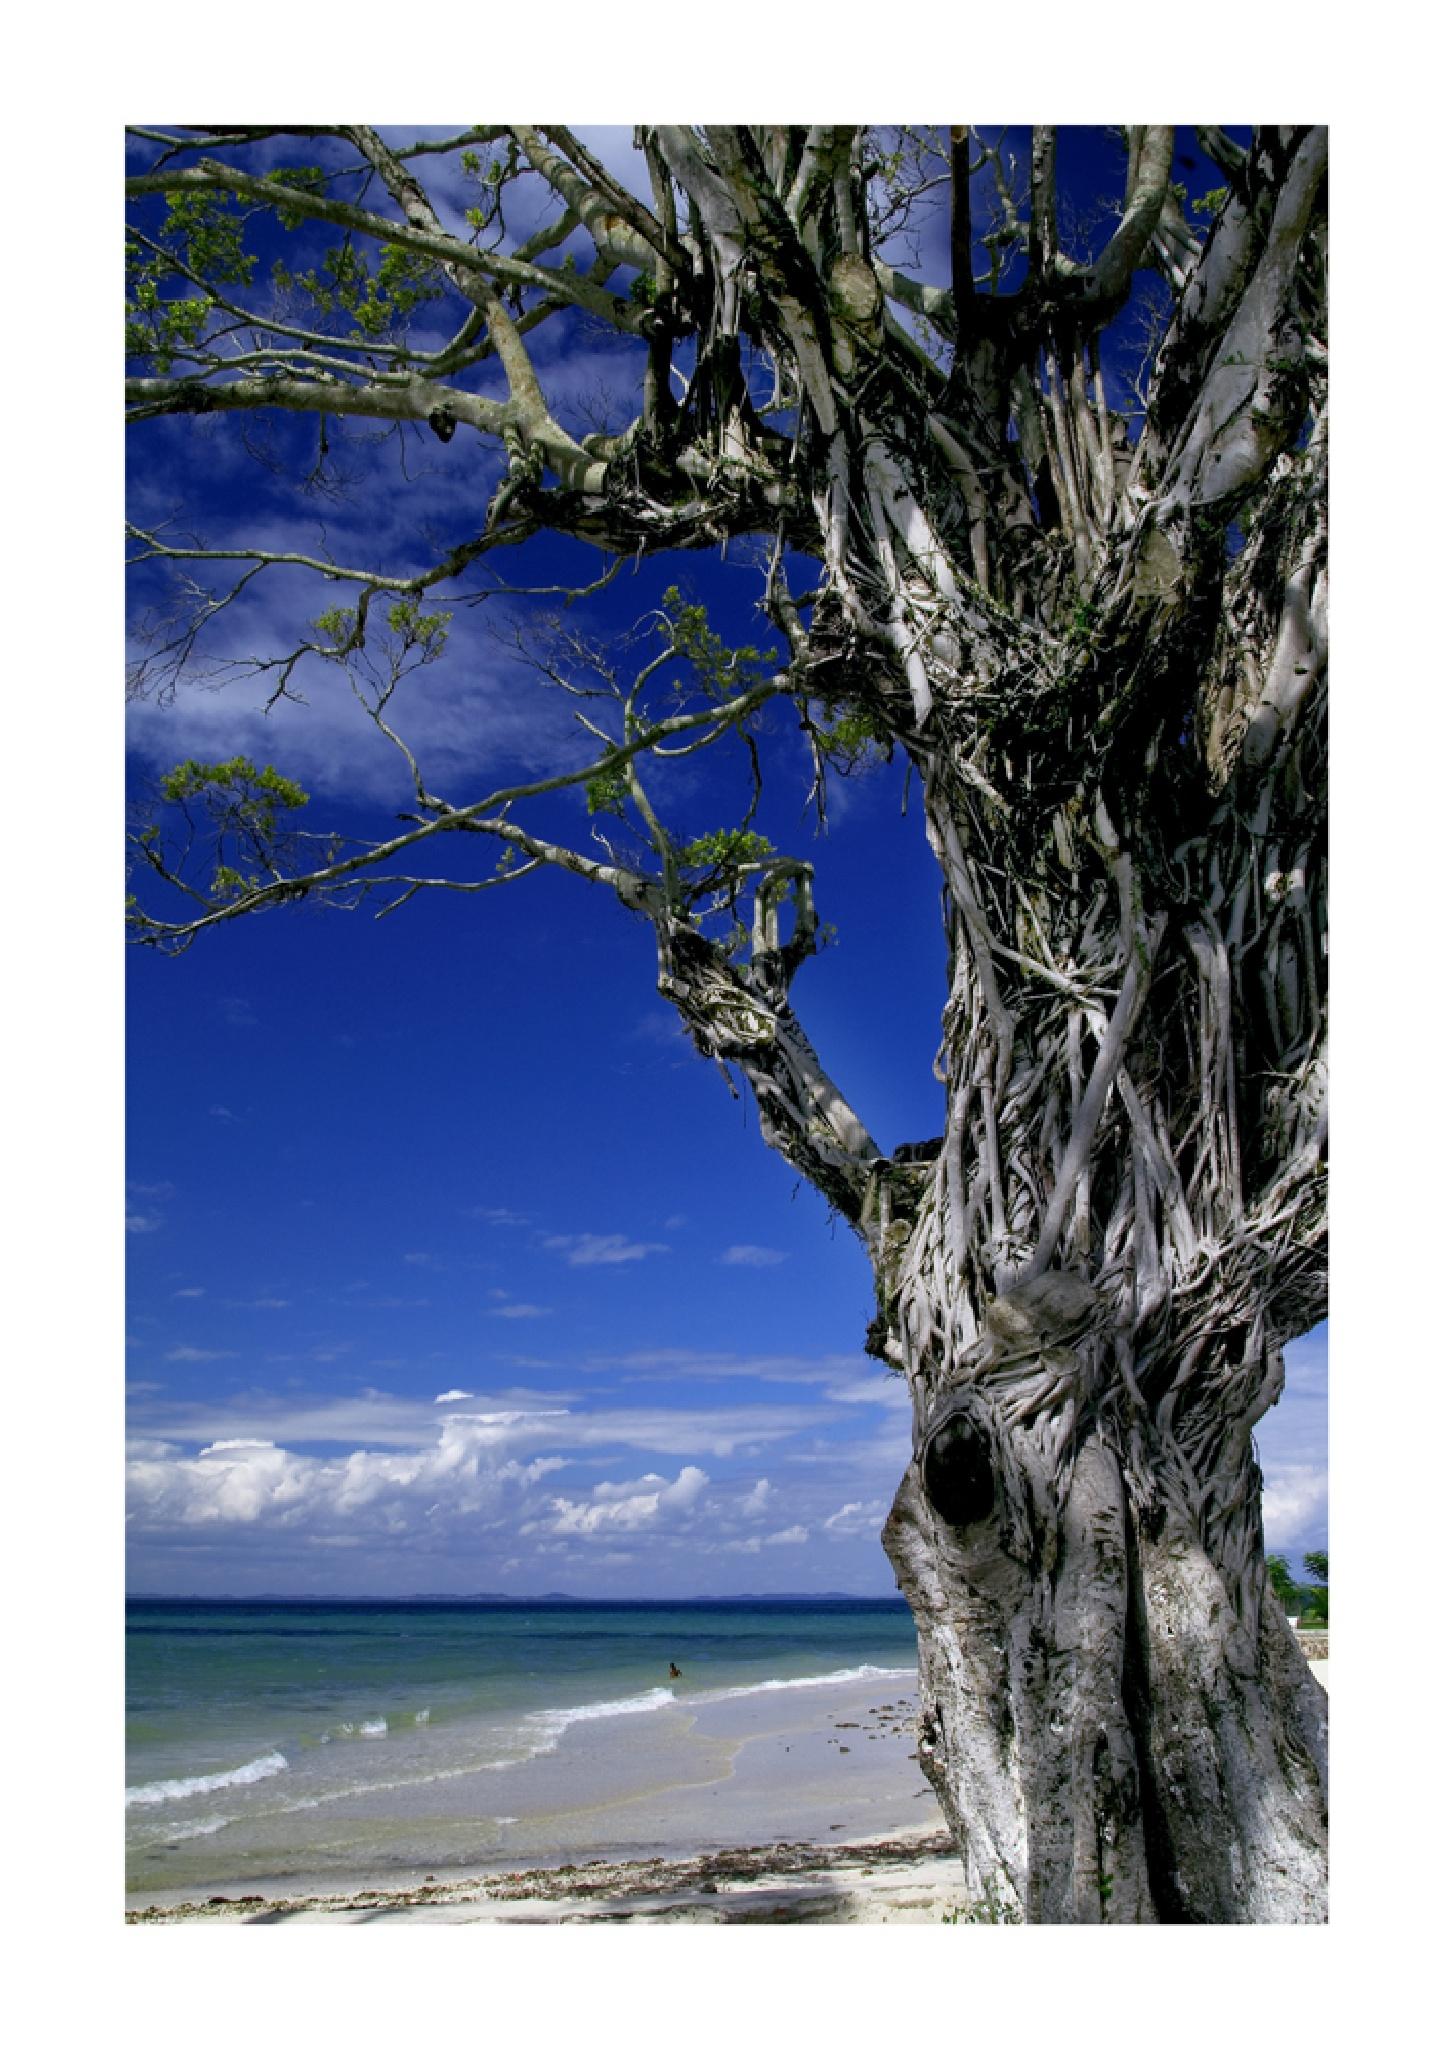 Ilha de Itaparica by DorivalMoreira